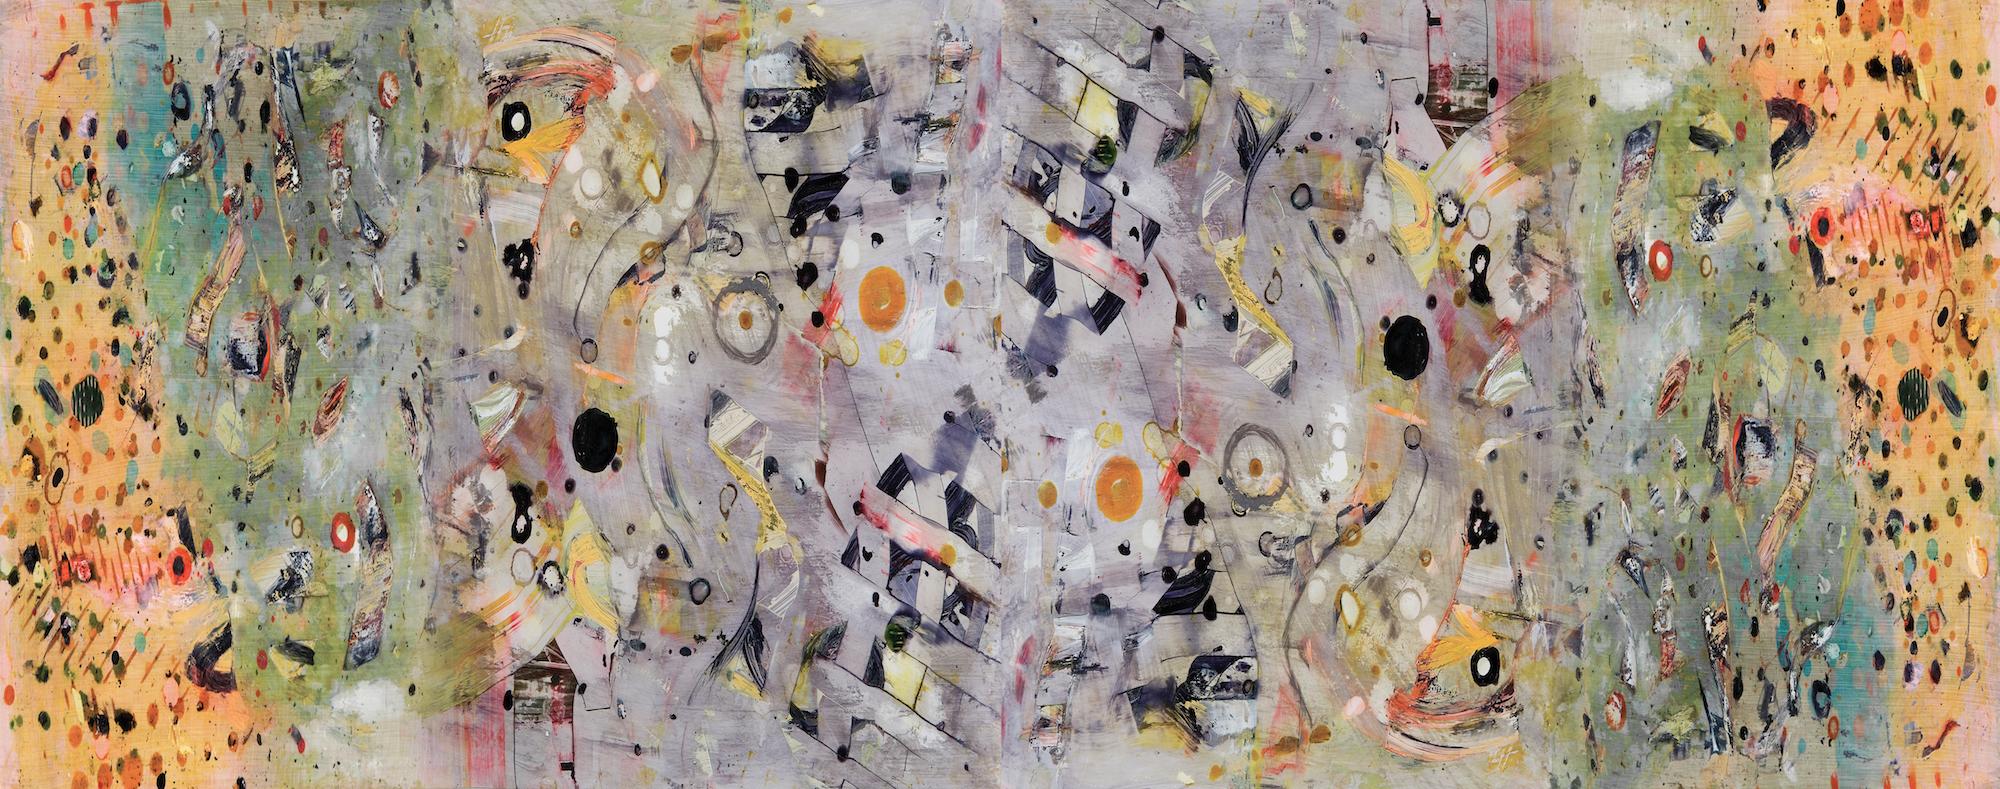 """Il Barone Rampante Series, #1, archival pigment print, 15 3/8"""" x 39"""", 2013"""